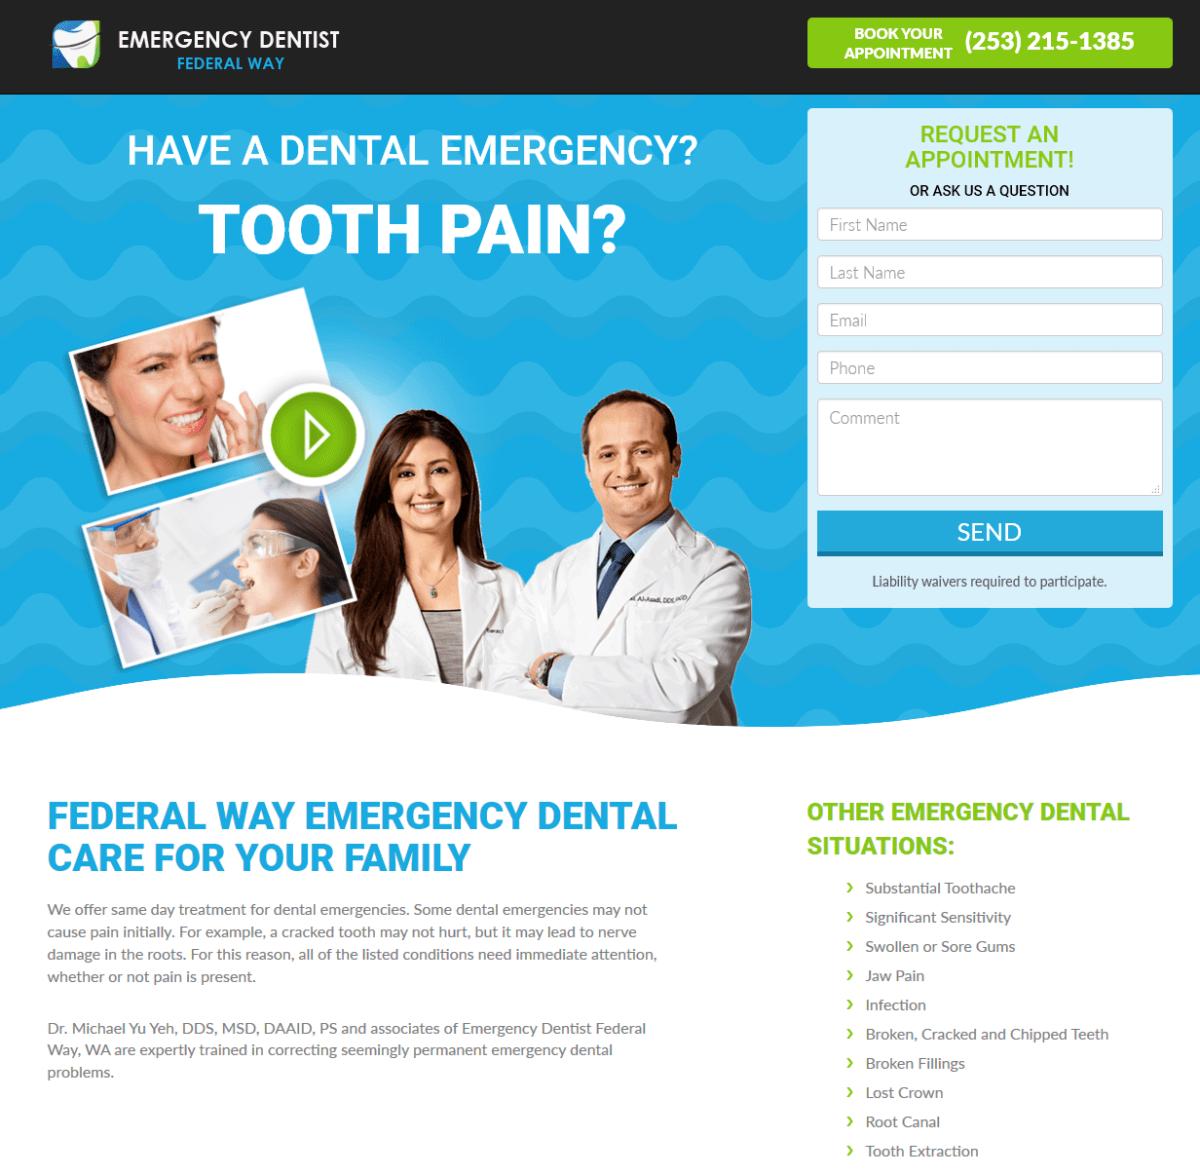 Emergency Dentist Marketing